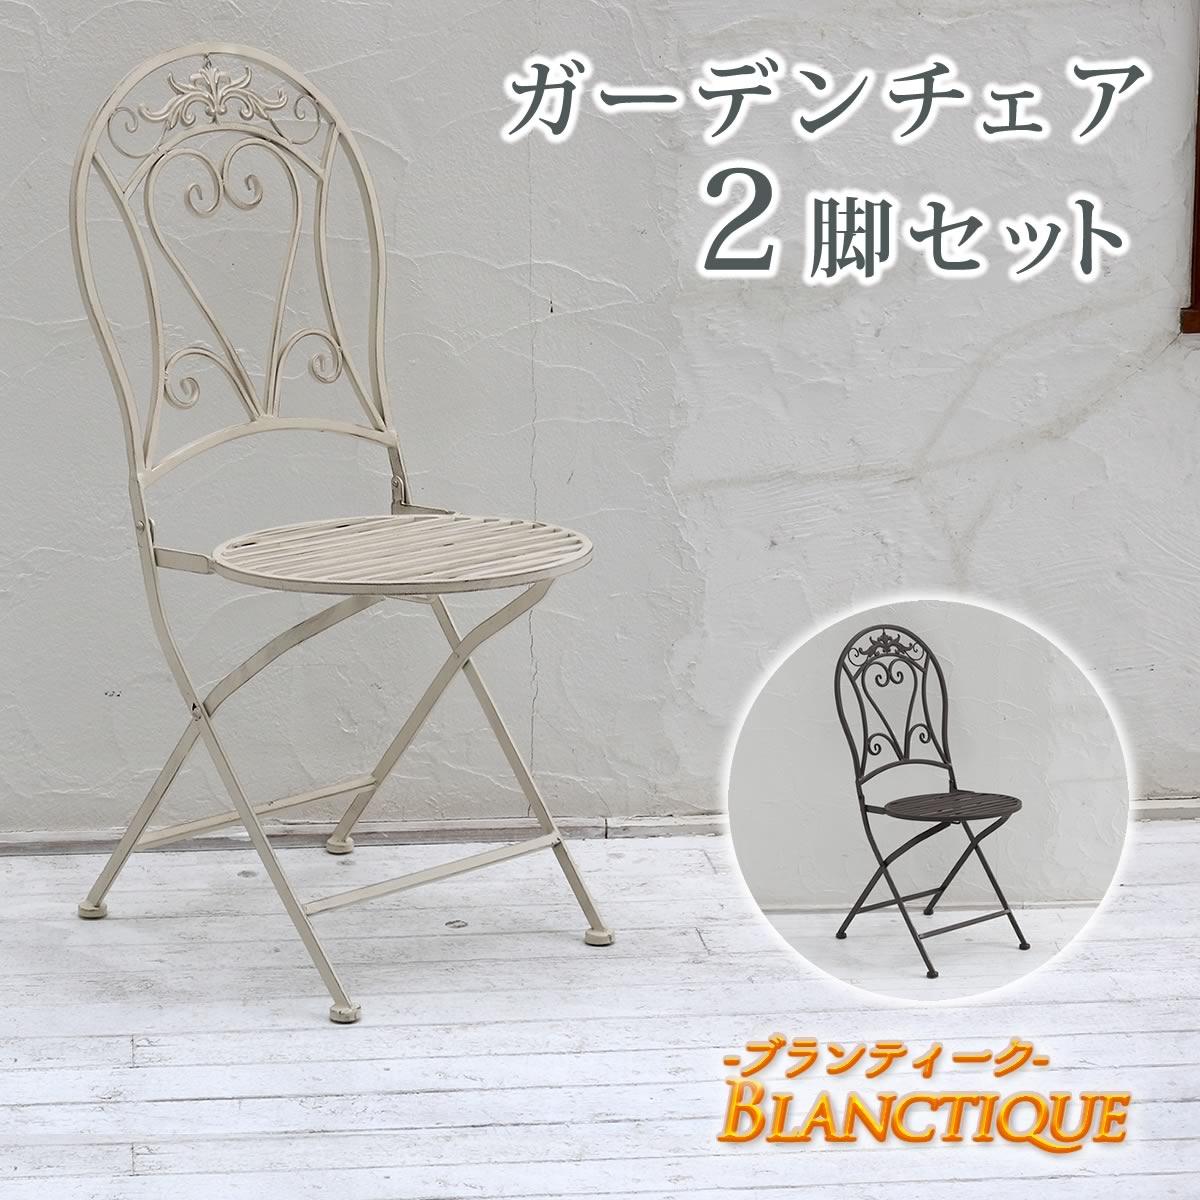 ブランティーク ホワイトアイアンチェア 2脚セット ガーデンテーブル テラス 庭 ウッドデッキ 椅子 アンティーク クラシカル イングリッシュガーデン ファニチャー シンプル 北欧 インテリア 家具 おしゃれ カフェ